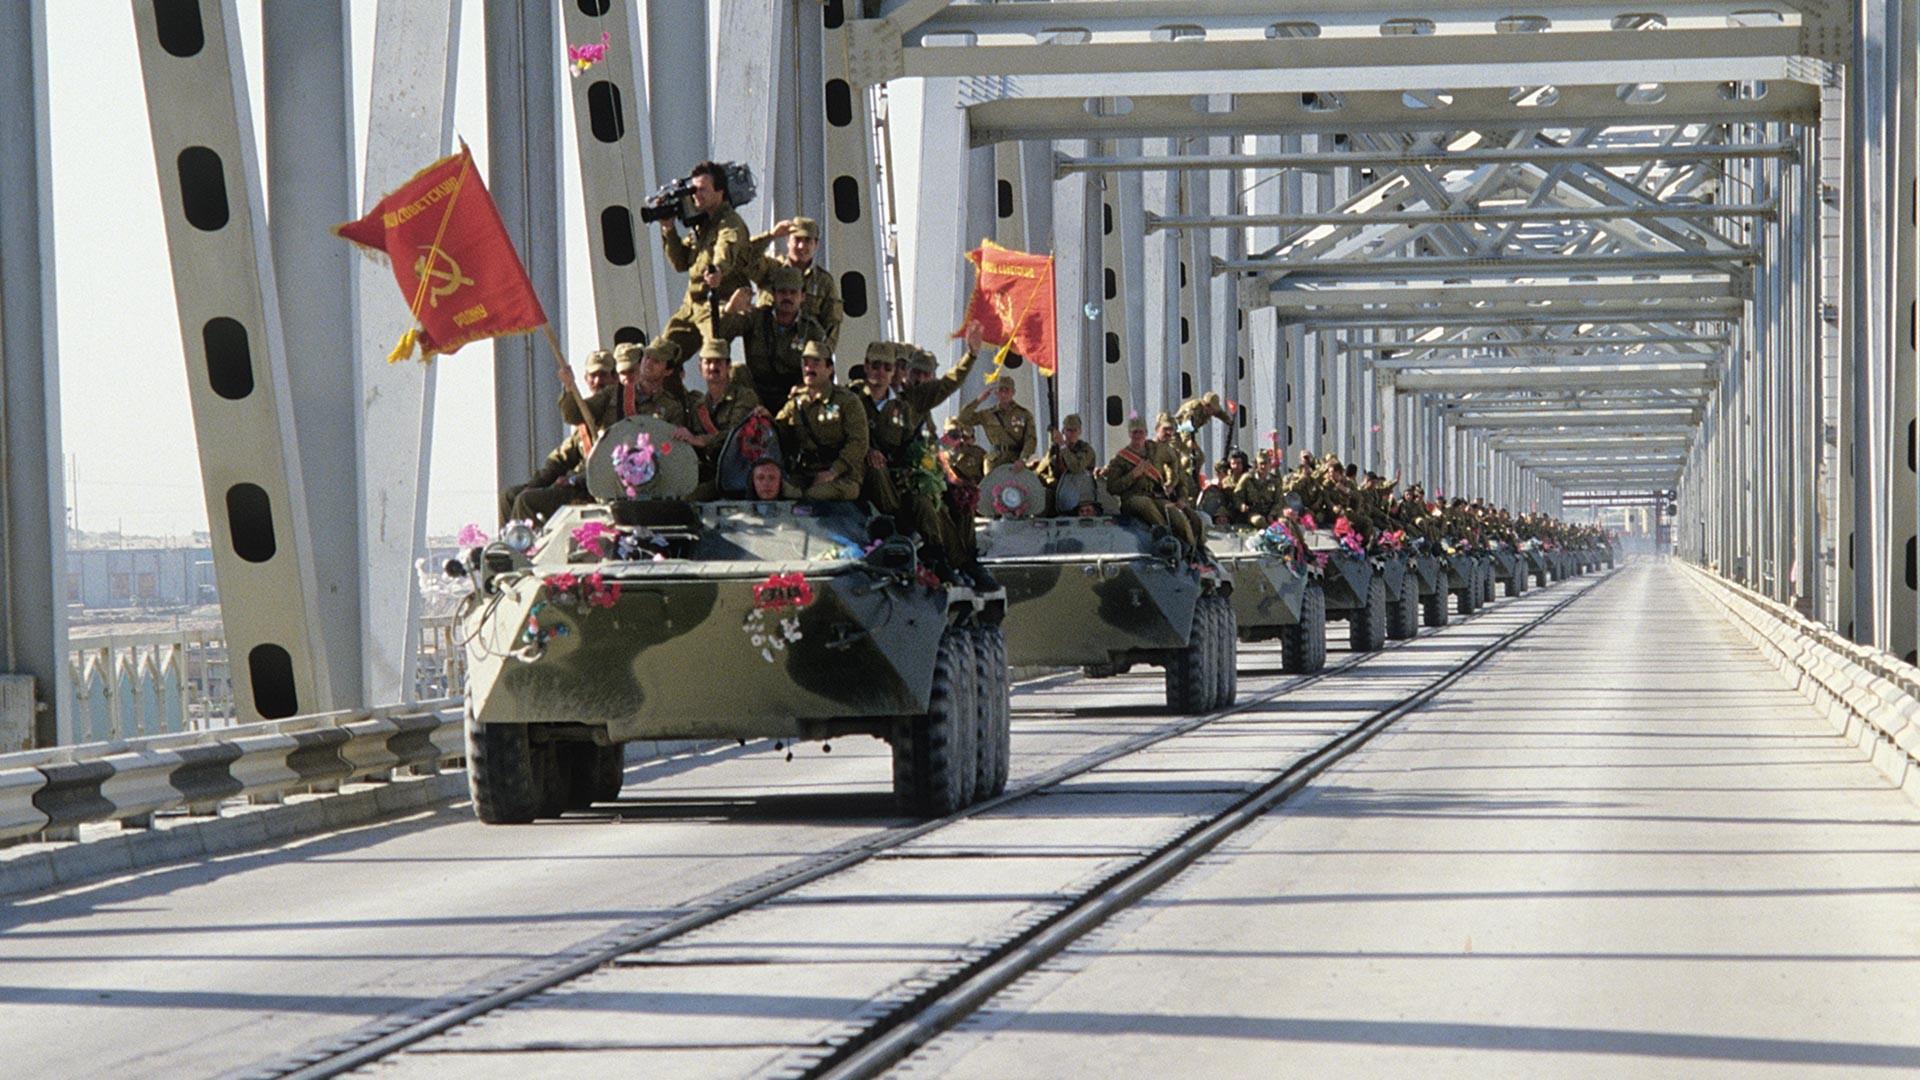 Pawai kendaraan lapis baja Soviet saat melintasi perbatasan Afganistan-Soviet melalui Jembatan Persahabatan yang terbentang di atas sungai Amu Darya.